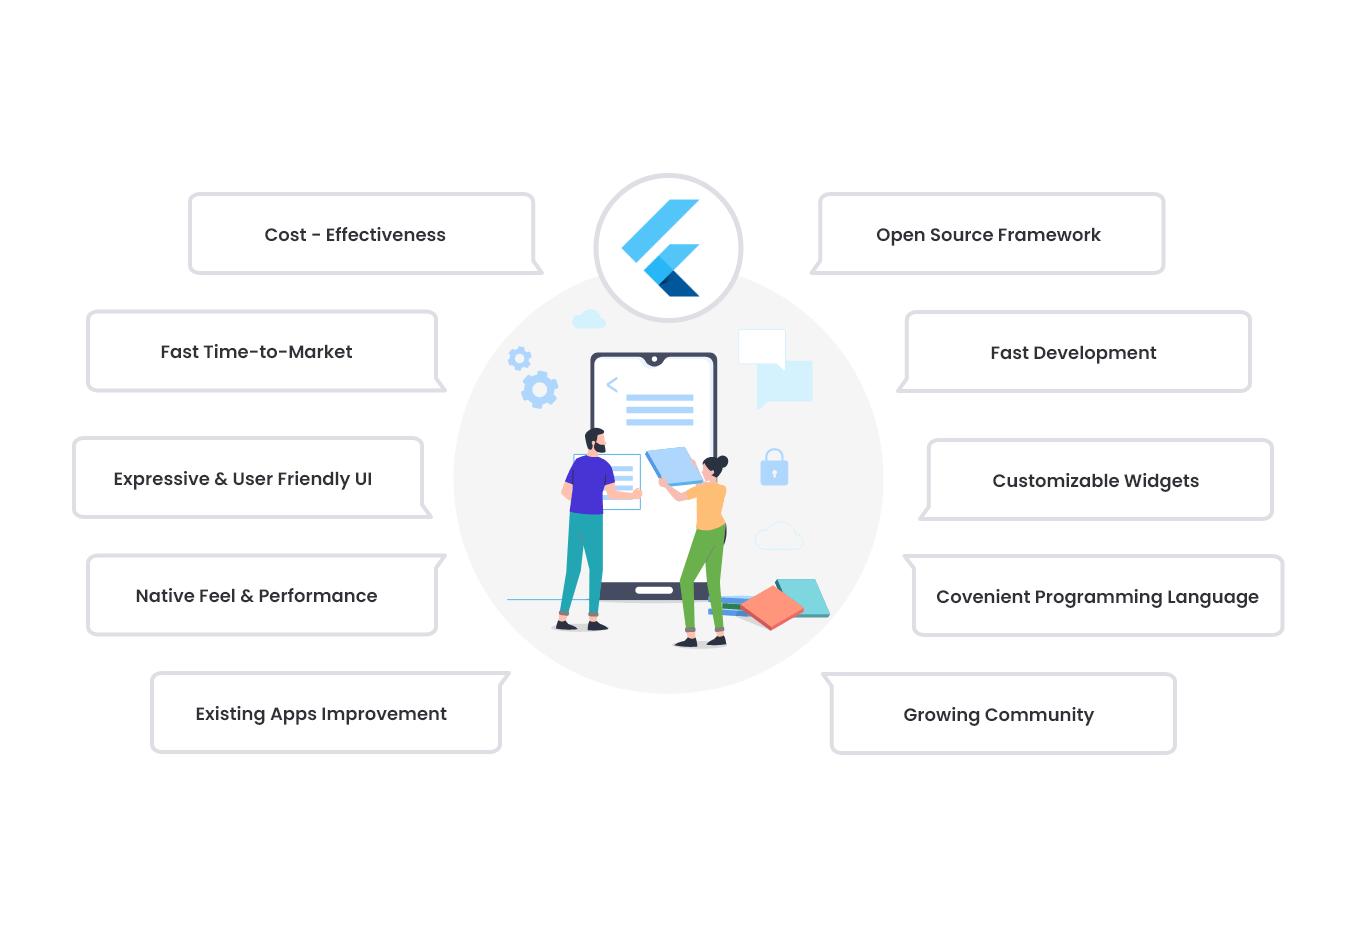 Cross-Platform App Development - Flutter Benefits